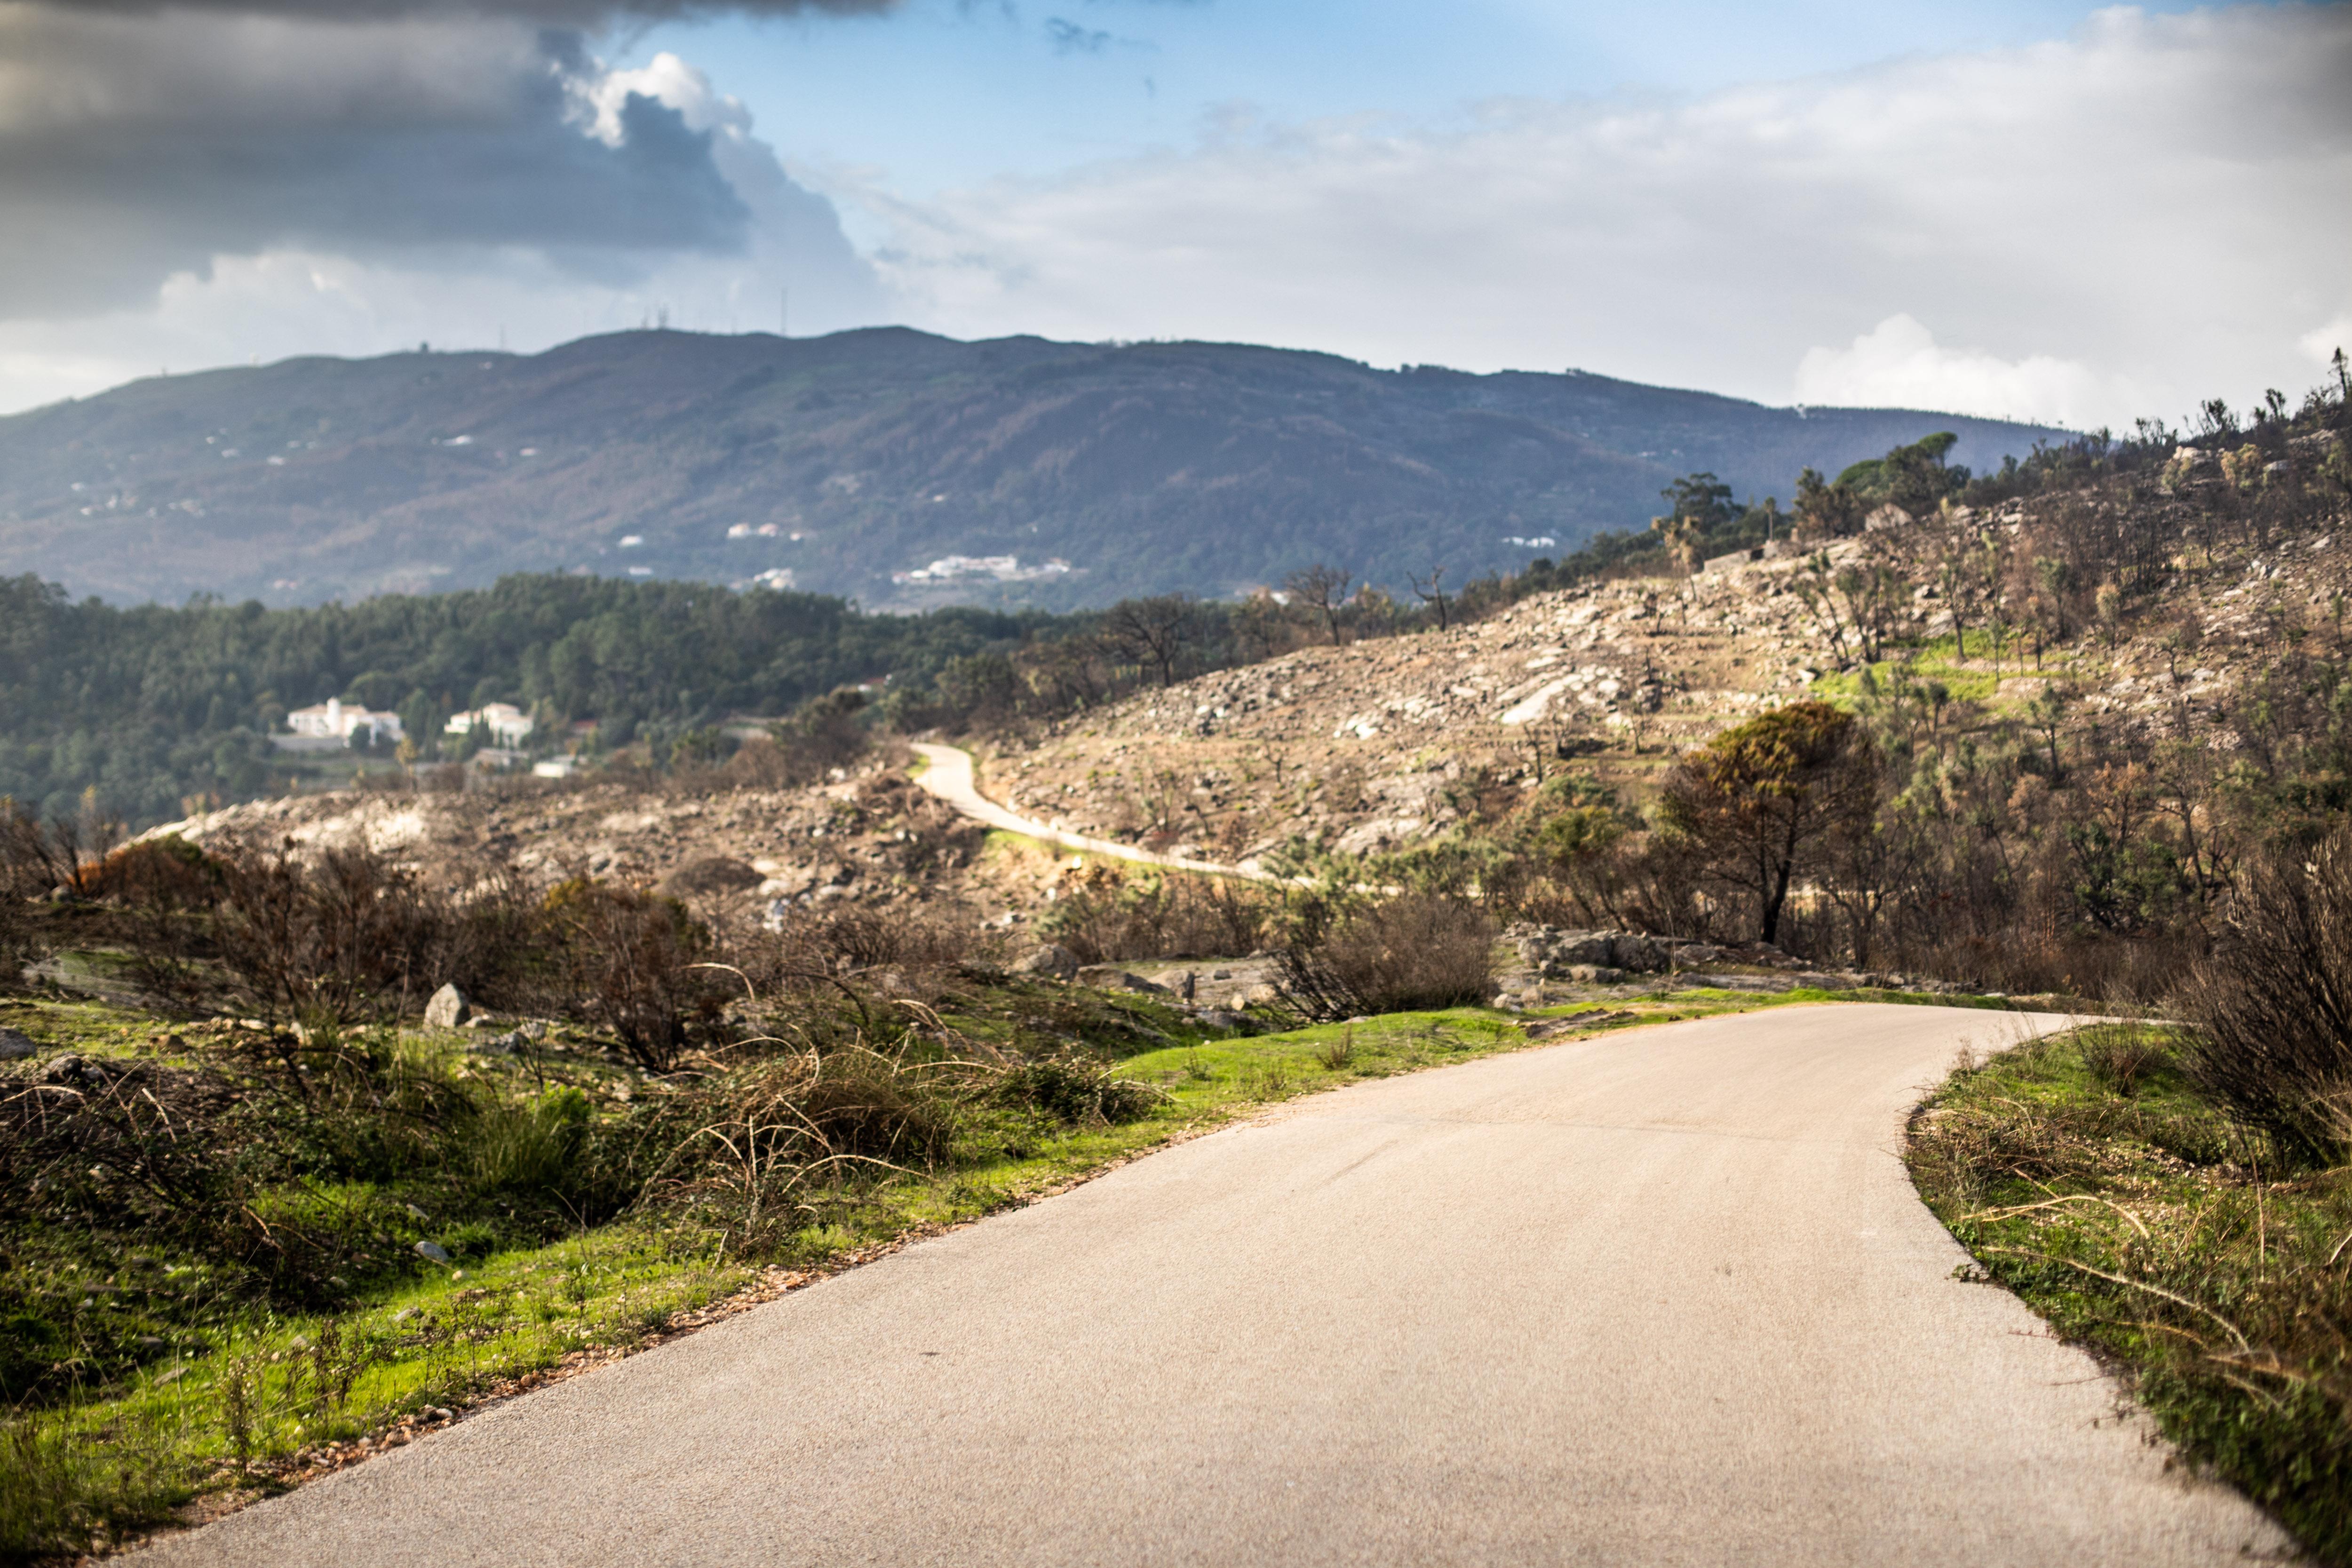 Европейский финал - rallye Casinos do Algarve: новый опыт на непростой дистанции.